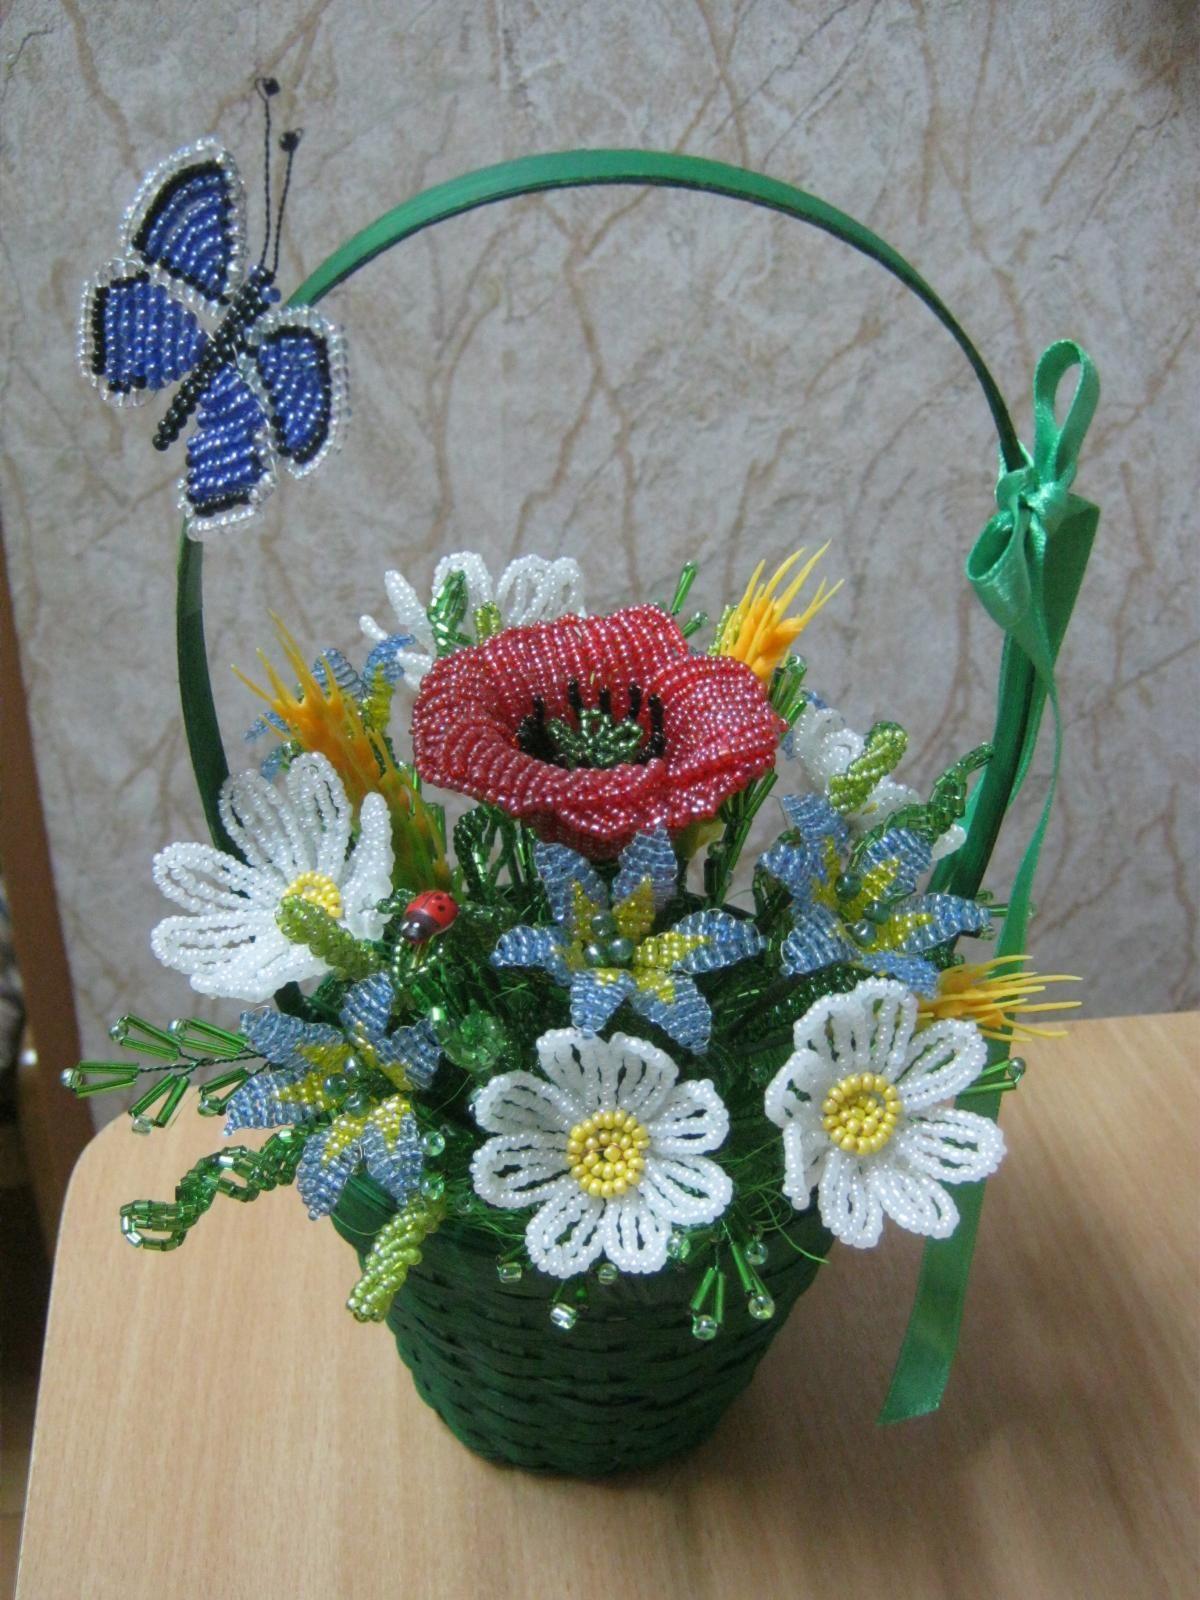 время тренировок цветы в корзине из бисера фото кирилл уже